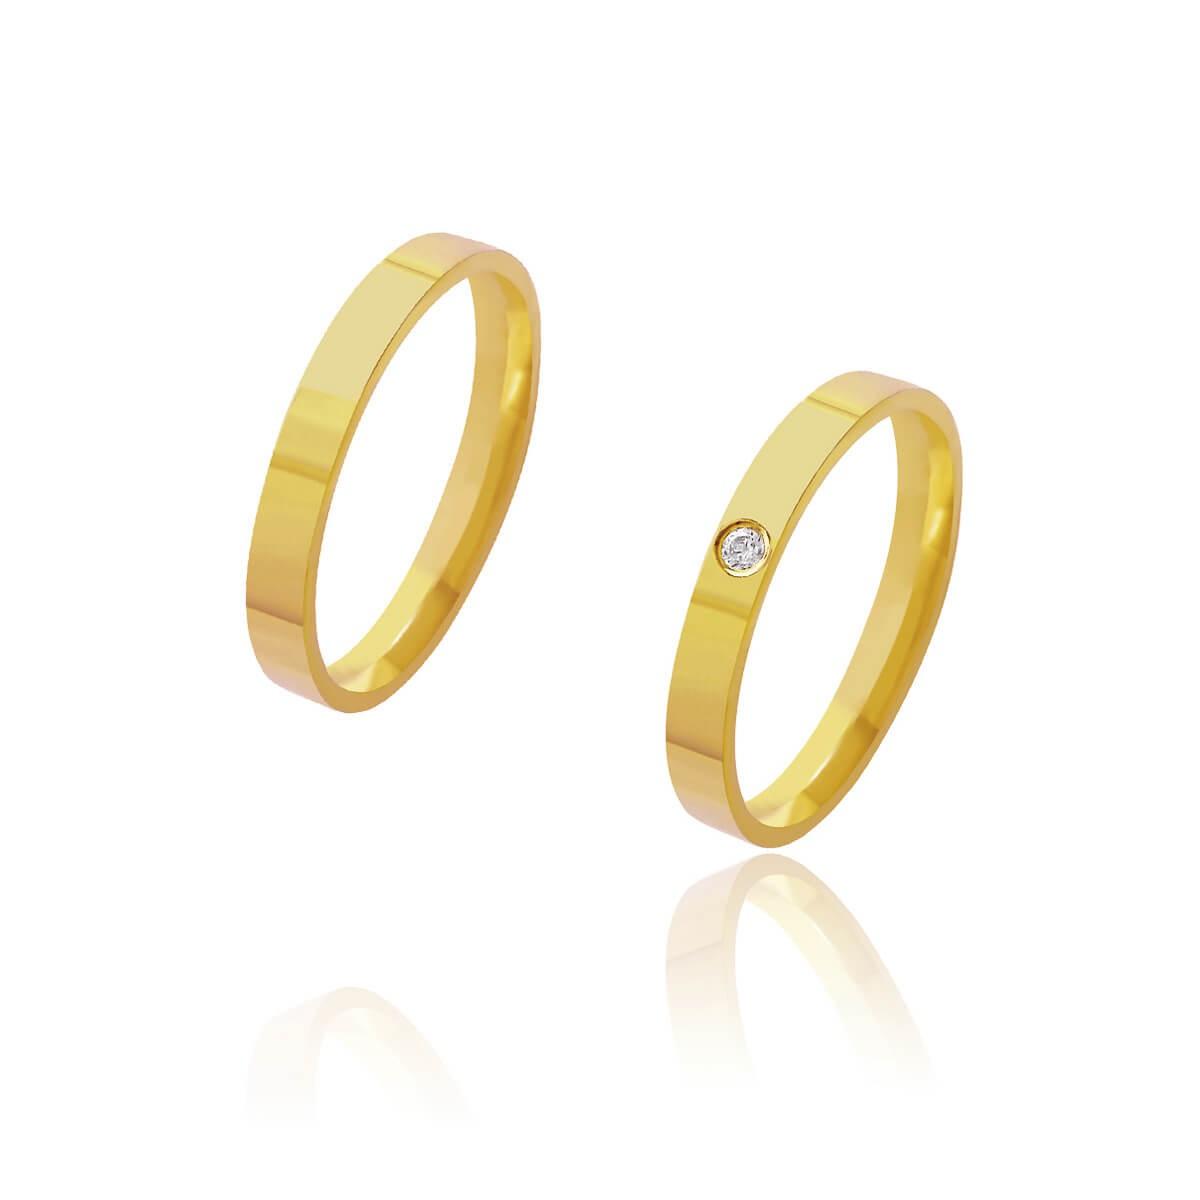 Par de Alianças de Casamento Afrodite Ouro 18k Reta com Brilhante 3mm 4g